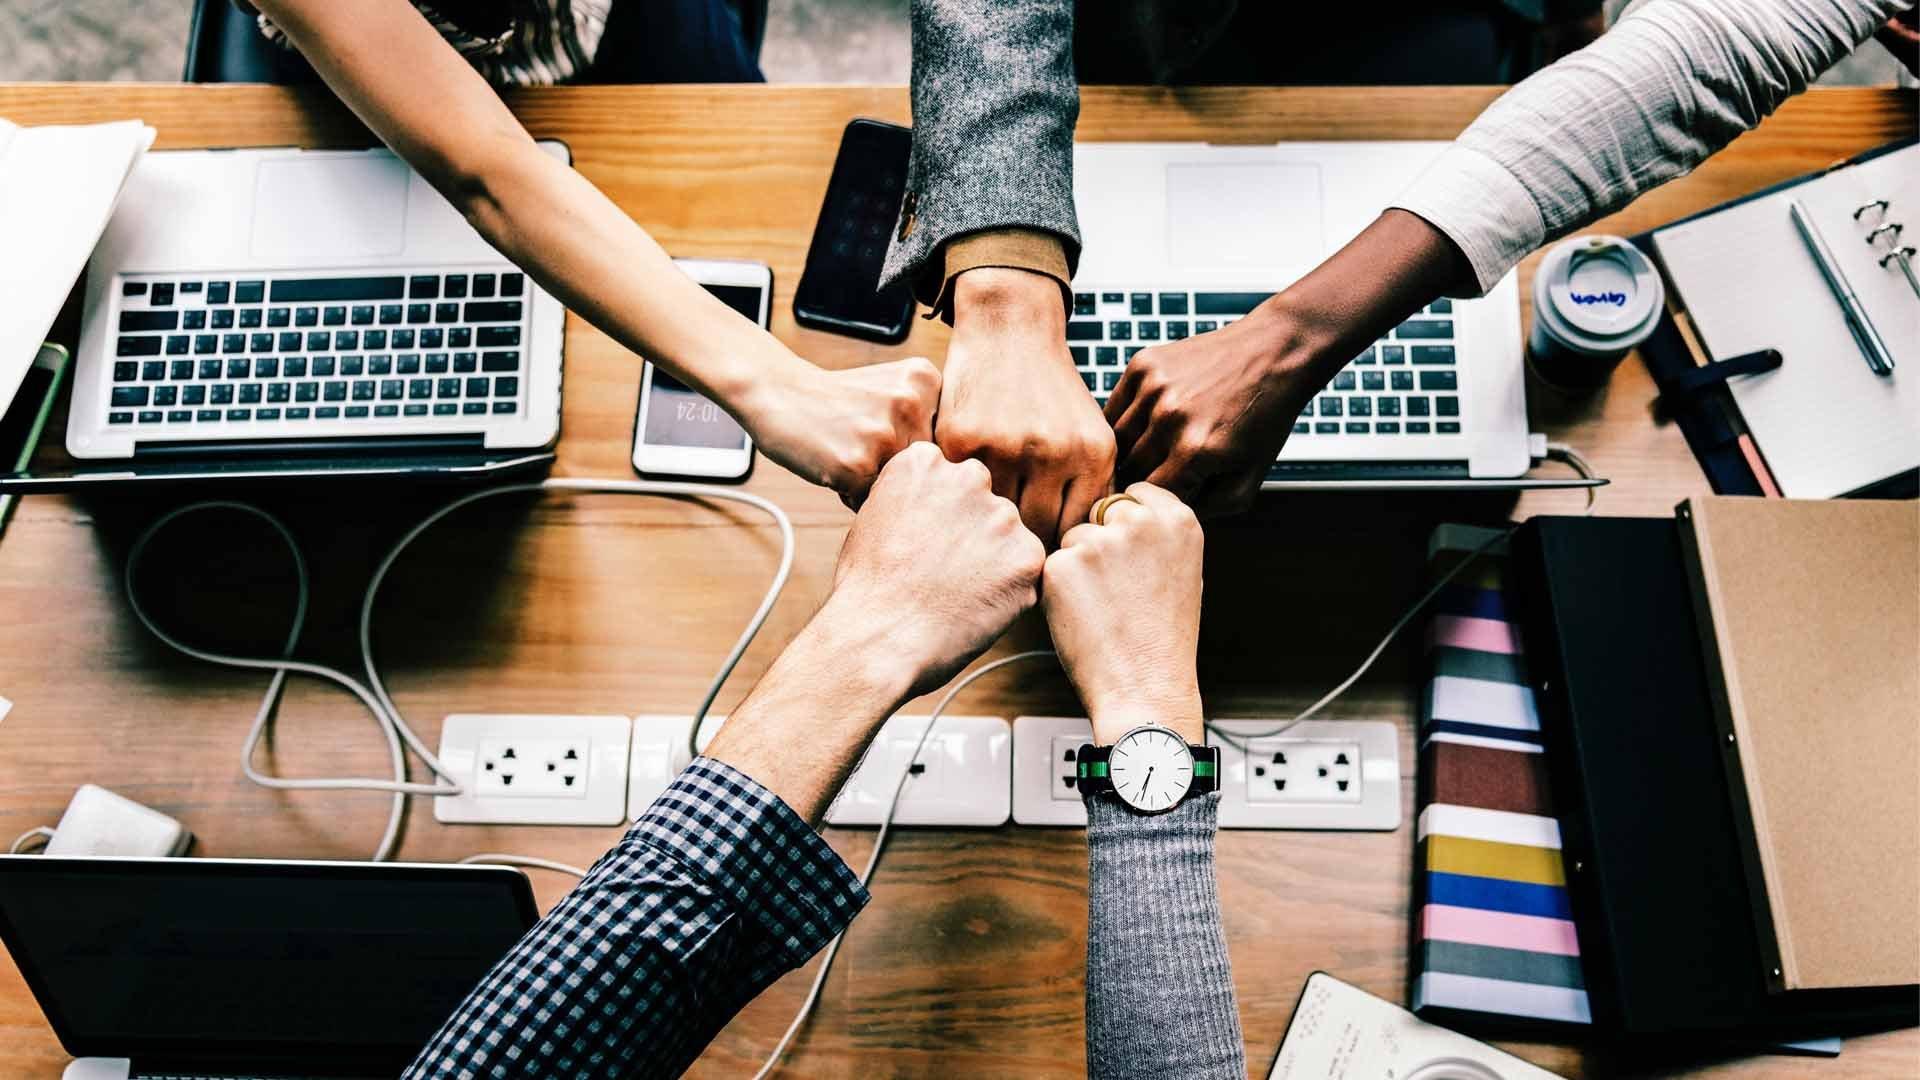 Migliorare la collaborazione aziendale con una Liferay intranet